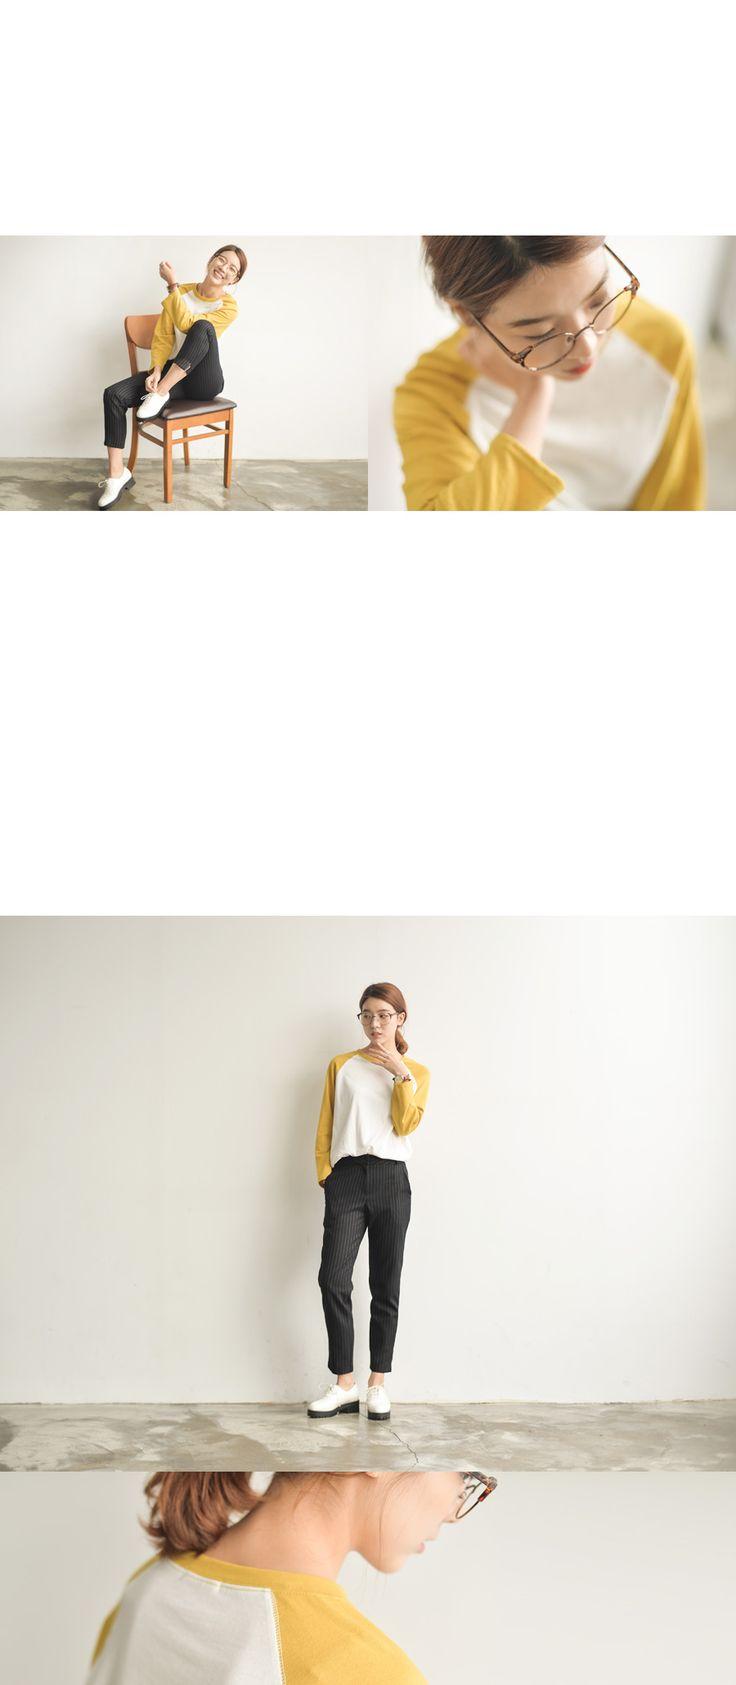 Frombeginning velour jumper dress dresses pinterest discover